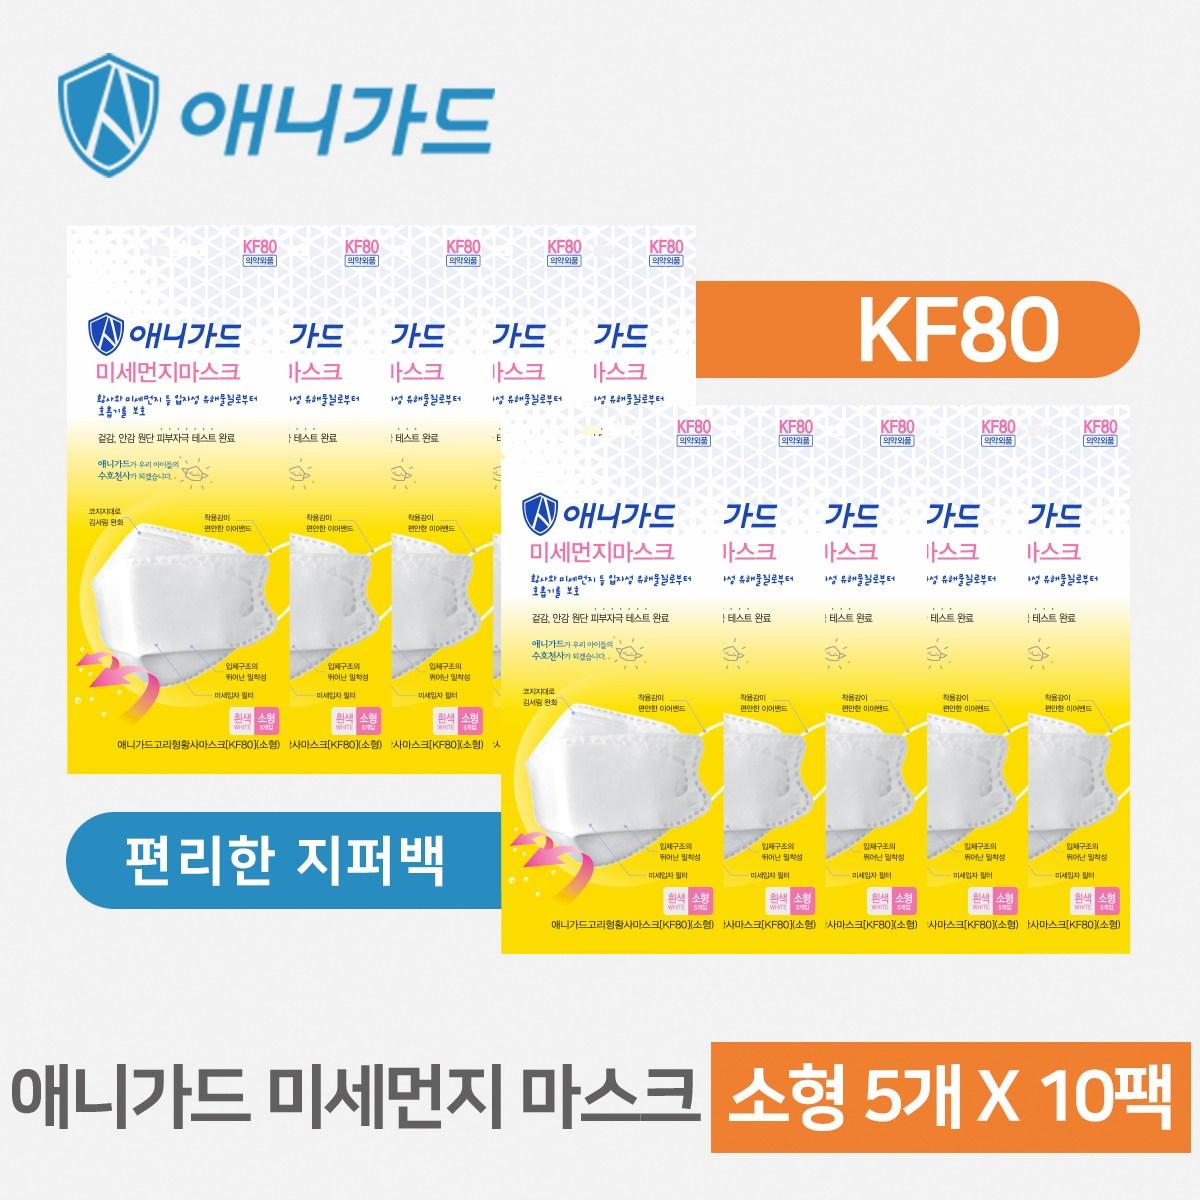 애니가드 황사방역용 마스크 [KF80] 아동용(소형) 50매 (5매입포장), 50개, 1box